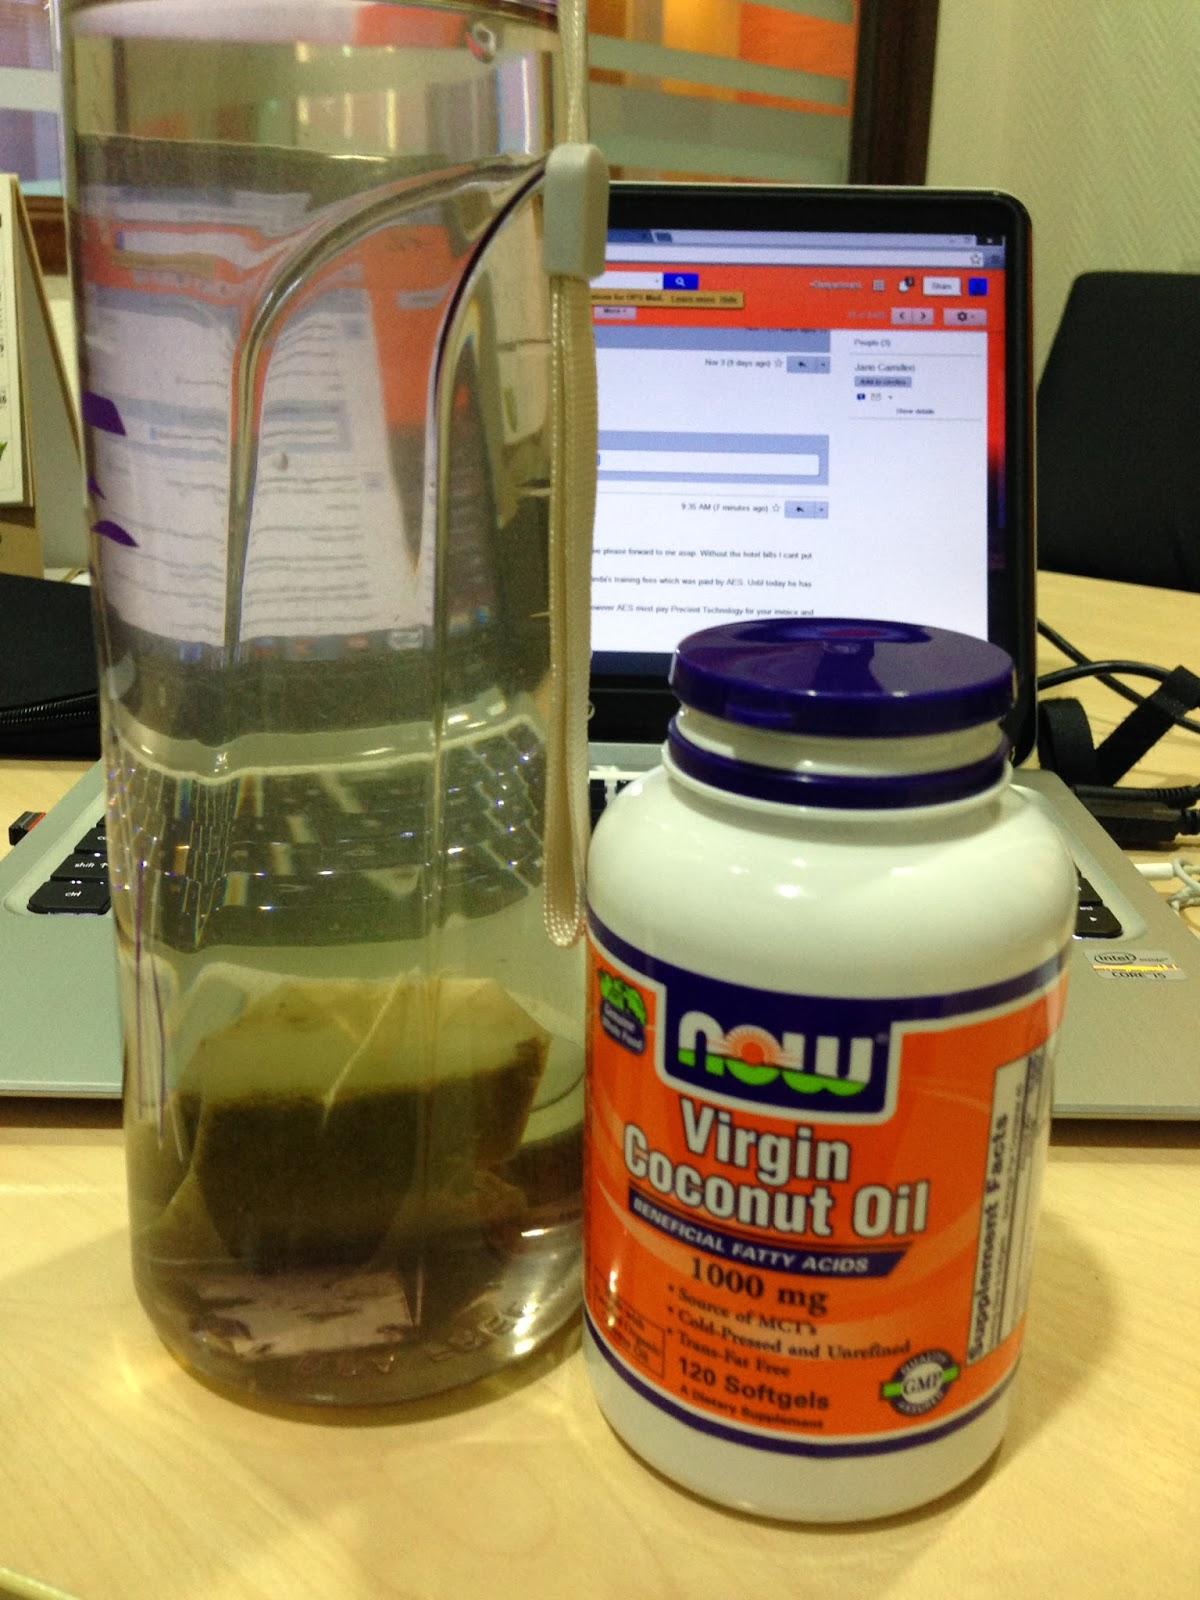 Virgin coconut oil herpes